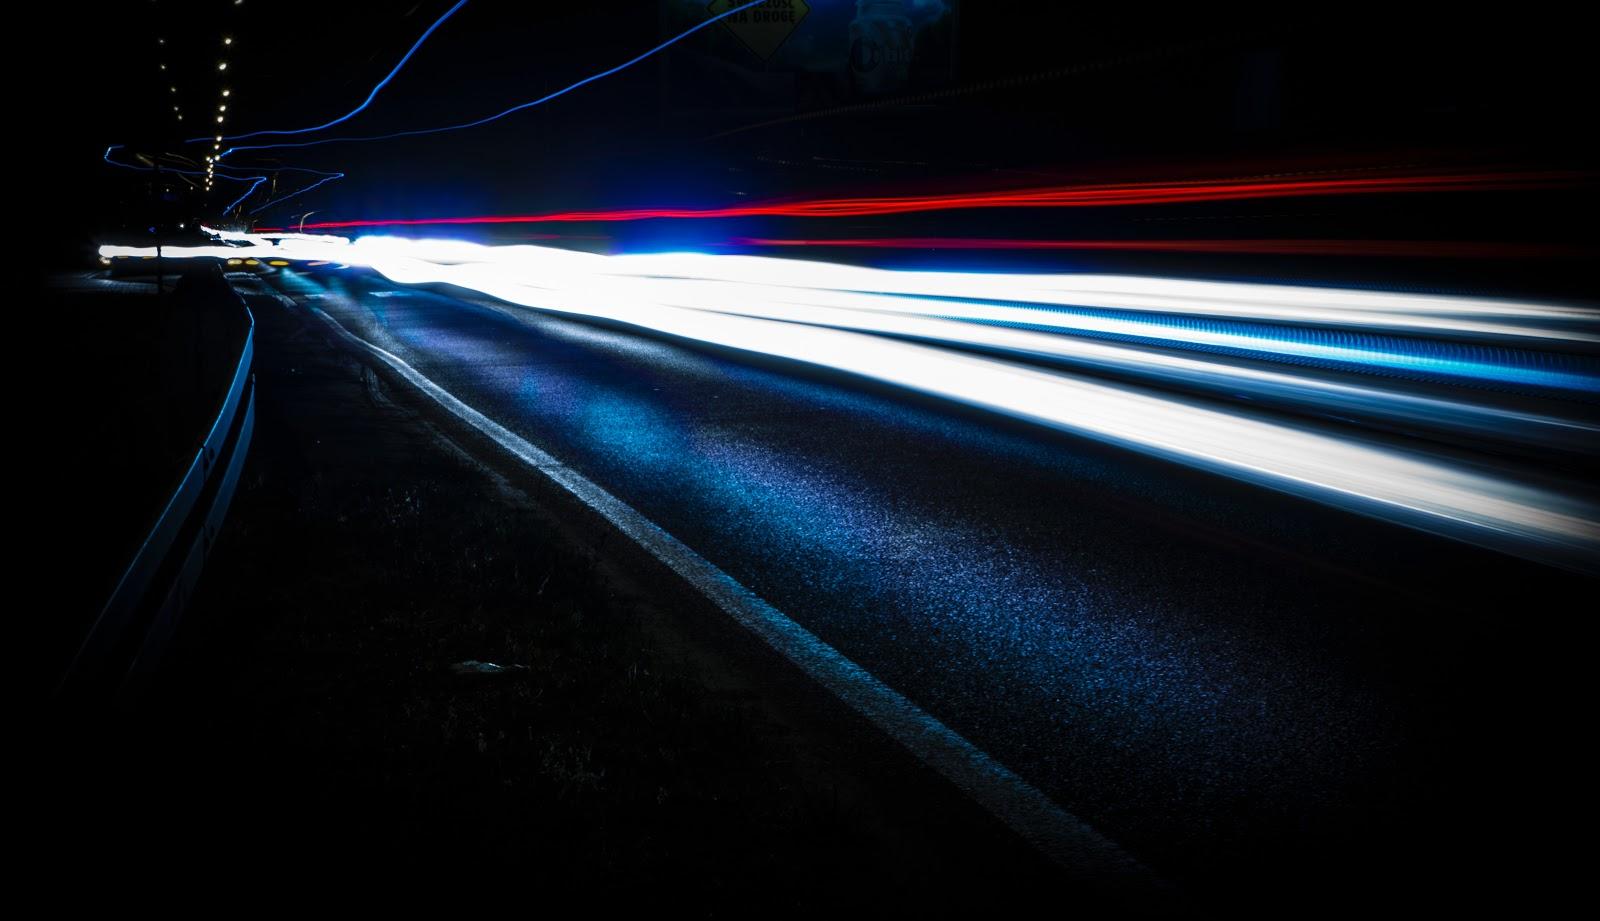 暗闇の道路を走る車の発光